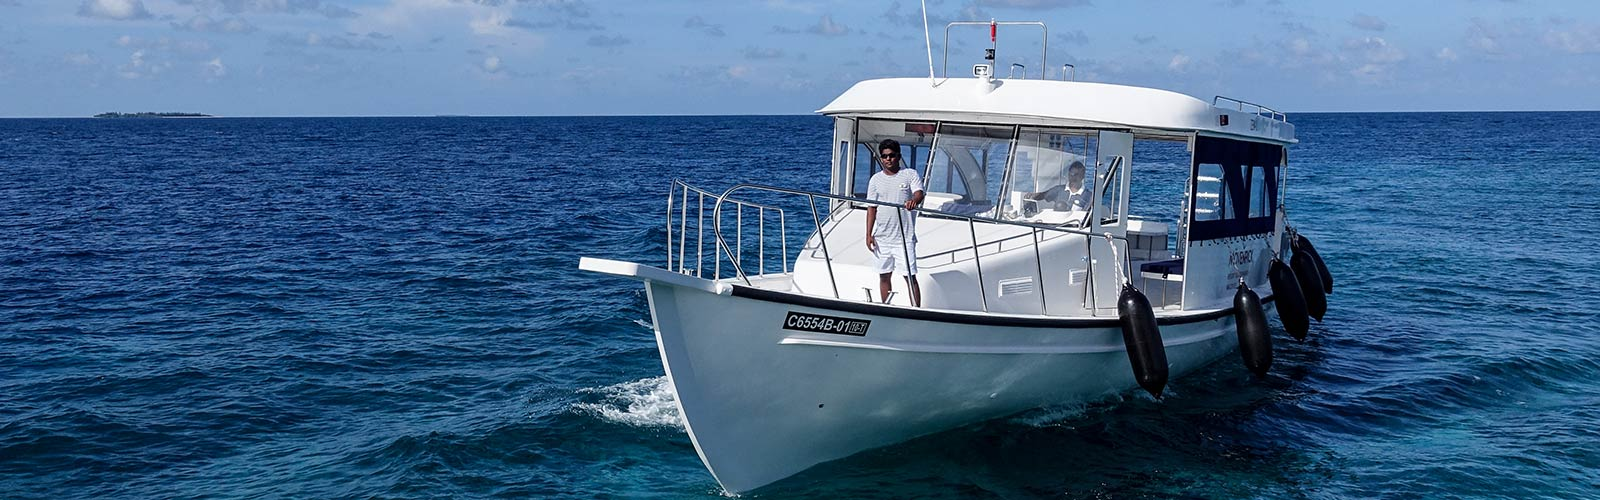 Scuba Diving Maldives Boats